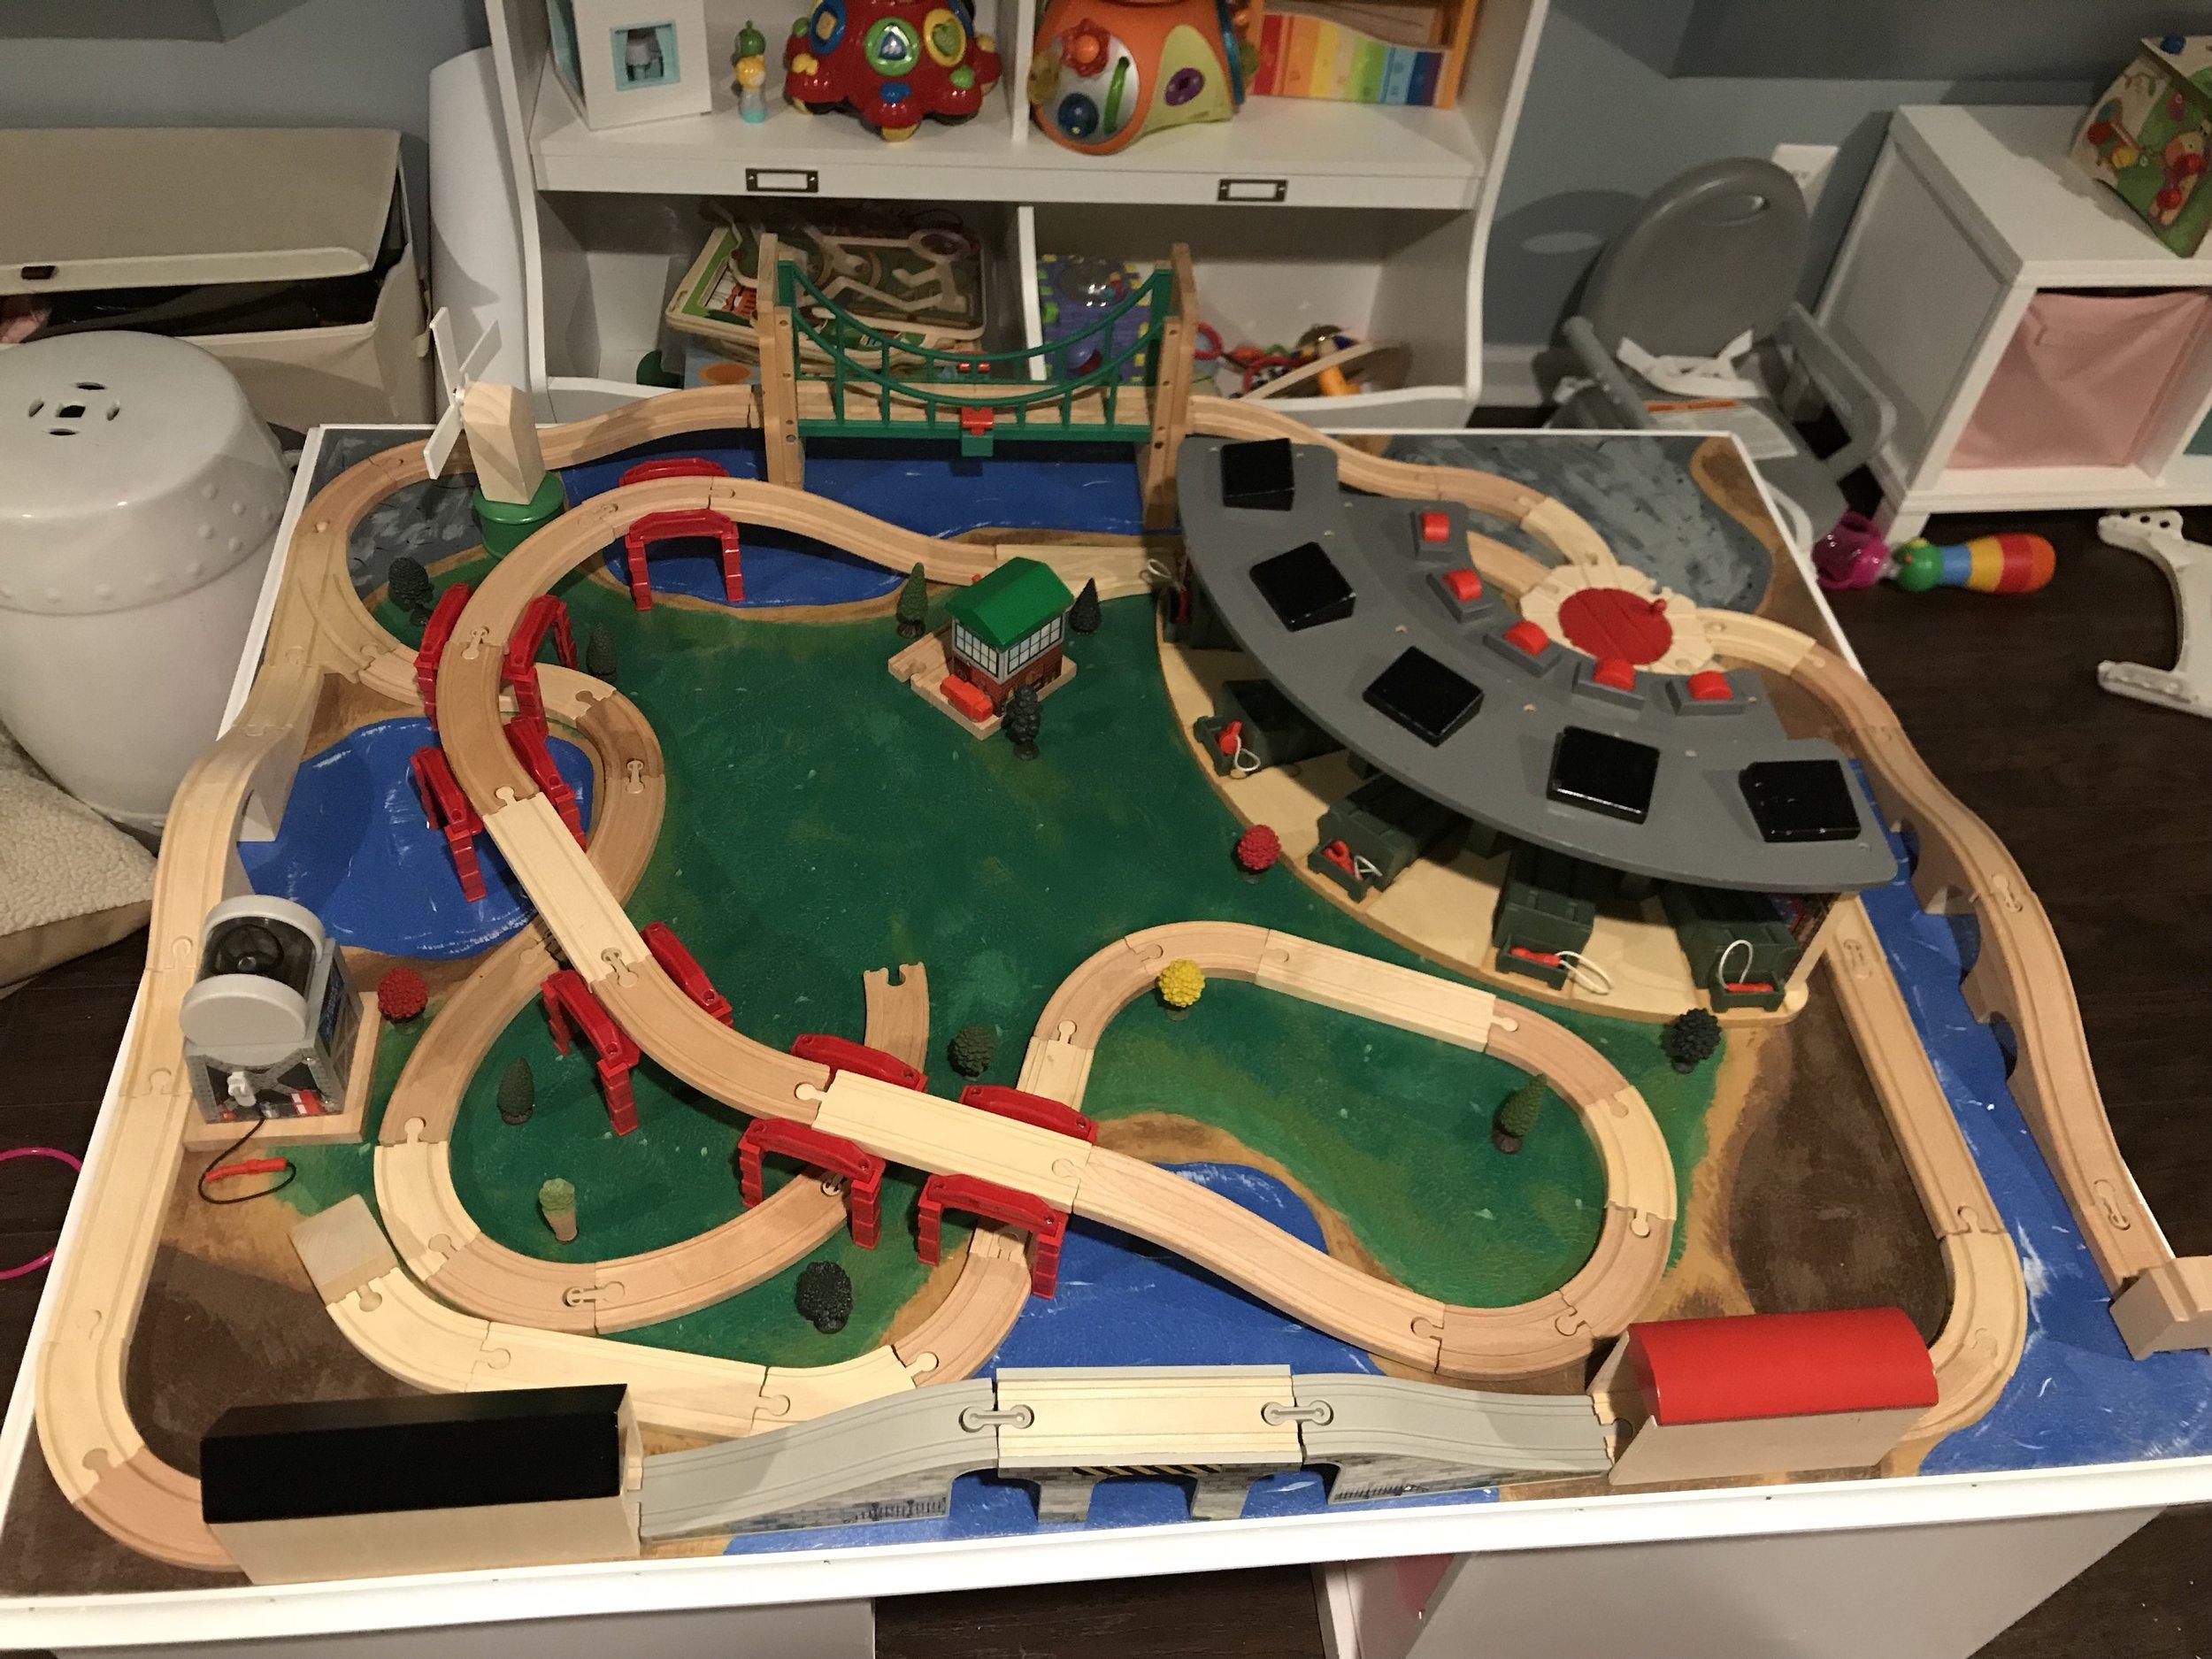 table train - shegotguts.com